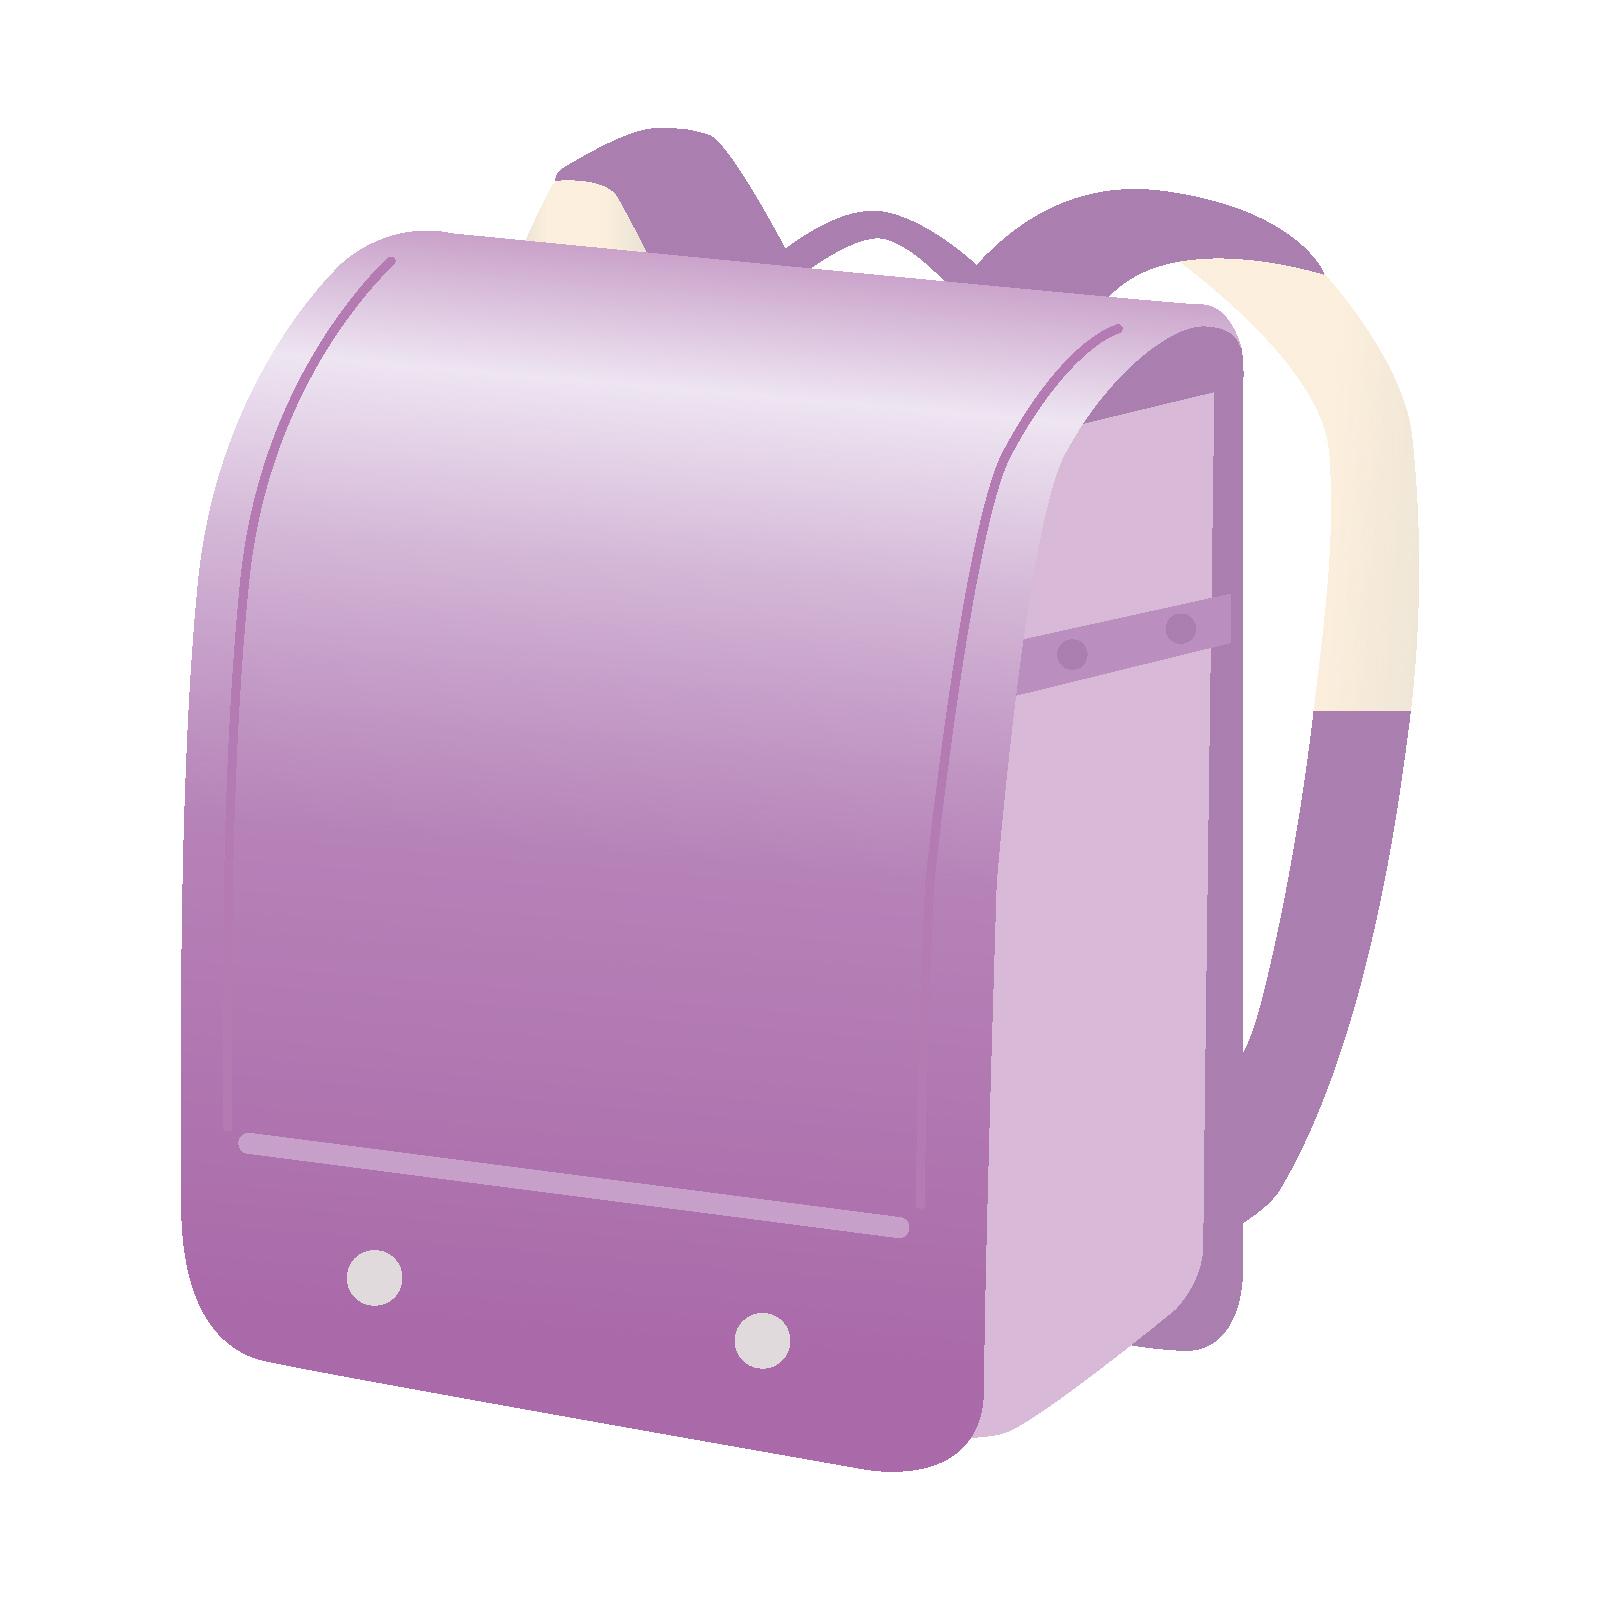 紫色のランドセルのイメージ画像